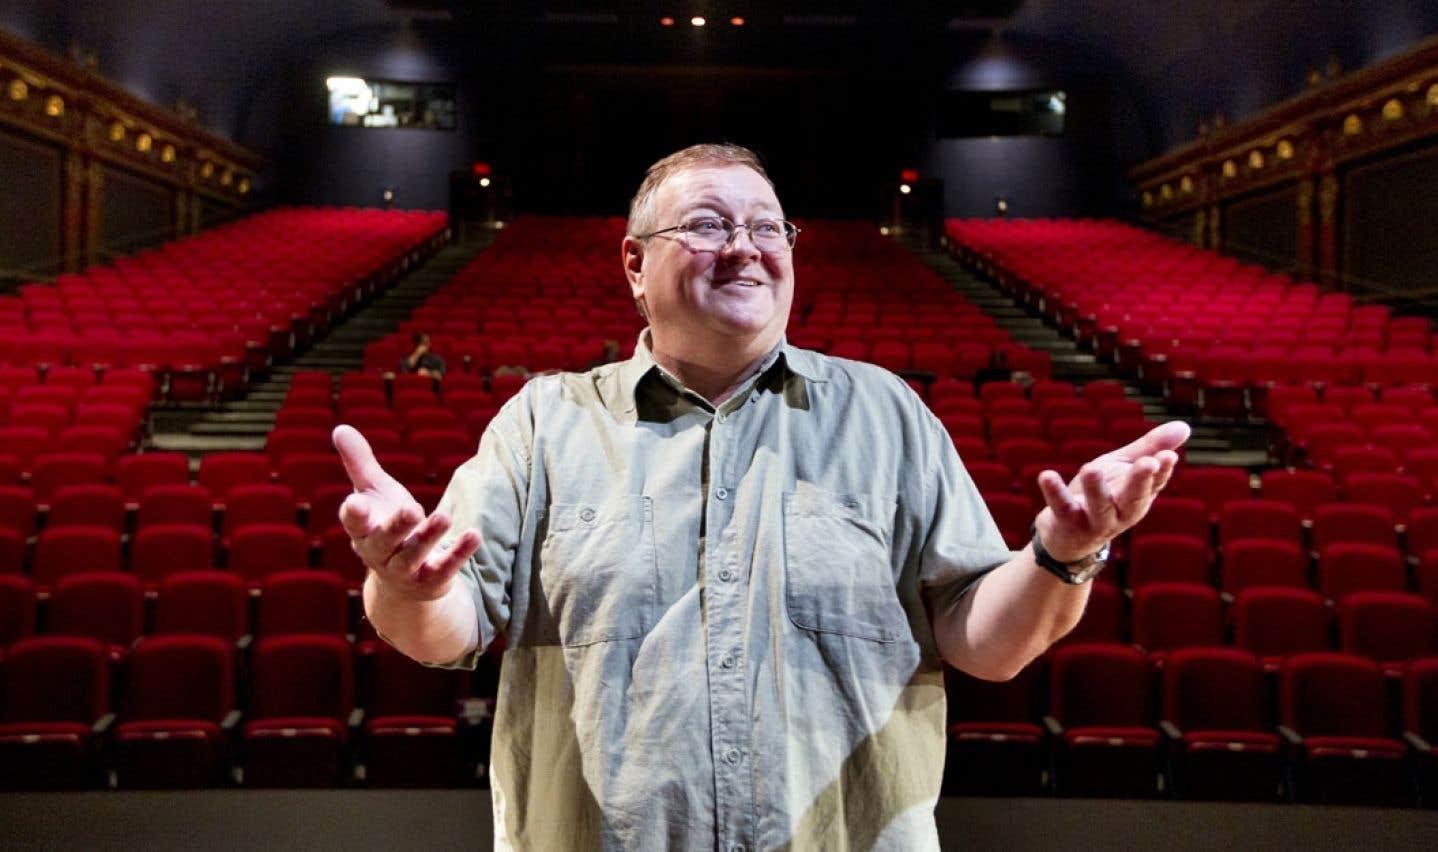 Directeur artistique du Théâtre Denise-Pelletier depuis 1995, Pierre Rousseau croit que la pertinence de son théâtre, celle d'éveiller les jeunes à l'art et à la culture, est vitale dans un contexte de réforme scolaire où l'on valorise davantage les compétences que les connaissances.